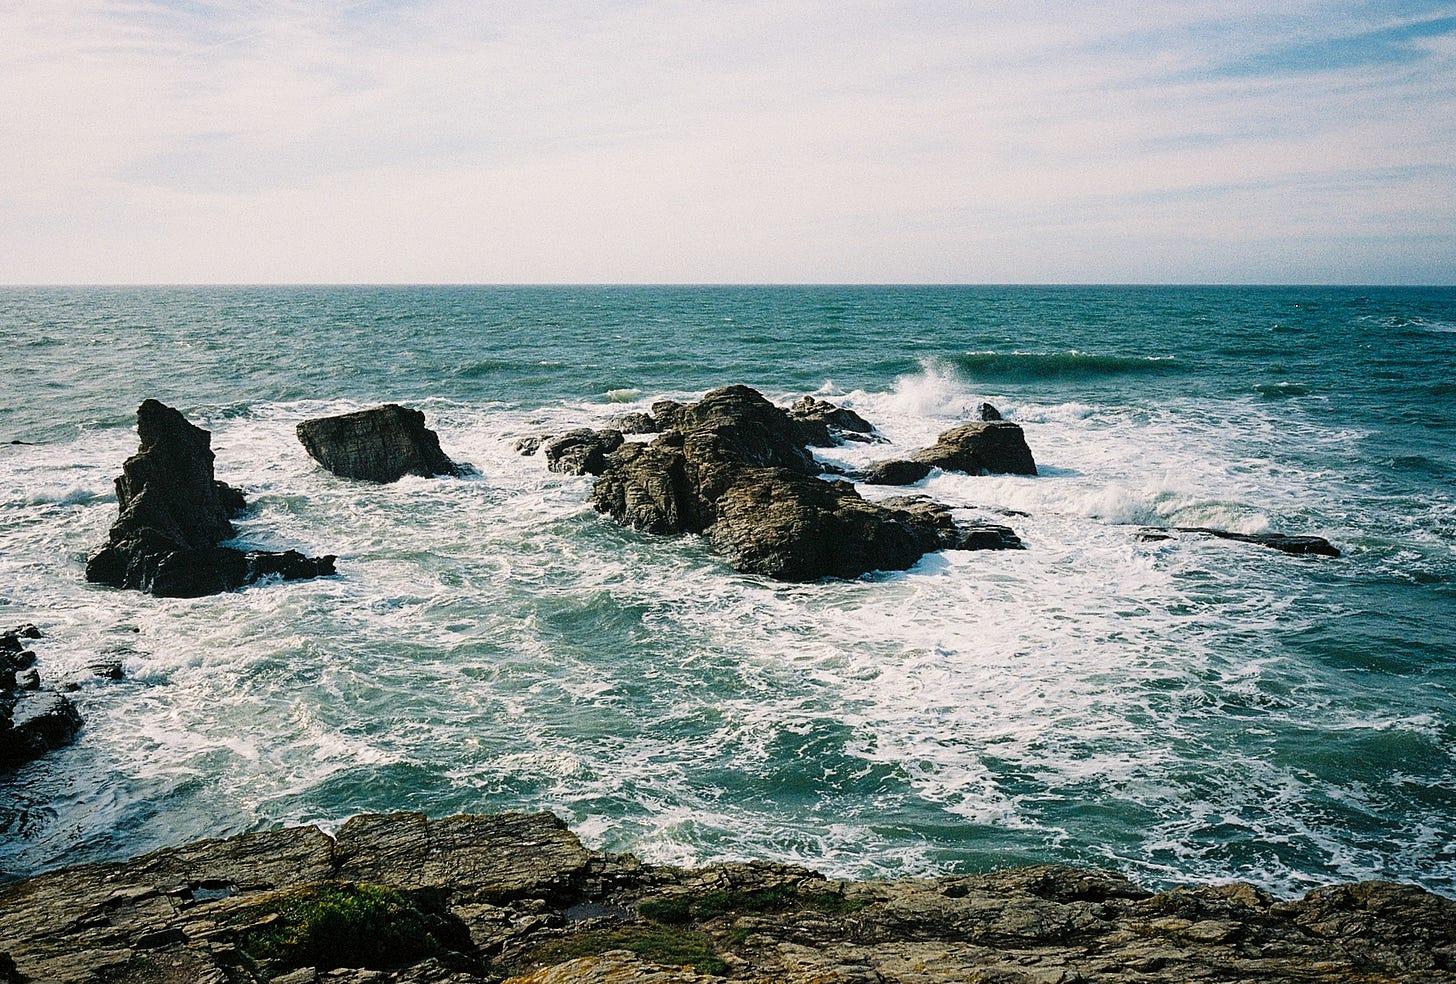 La mer en bretagne © Paul Atlan 2020